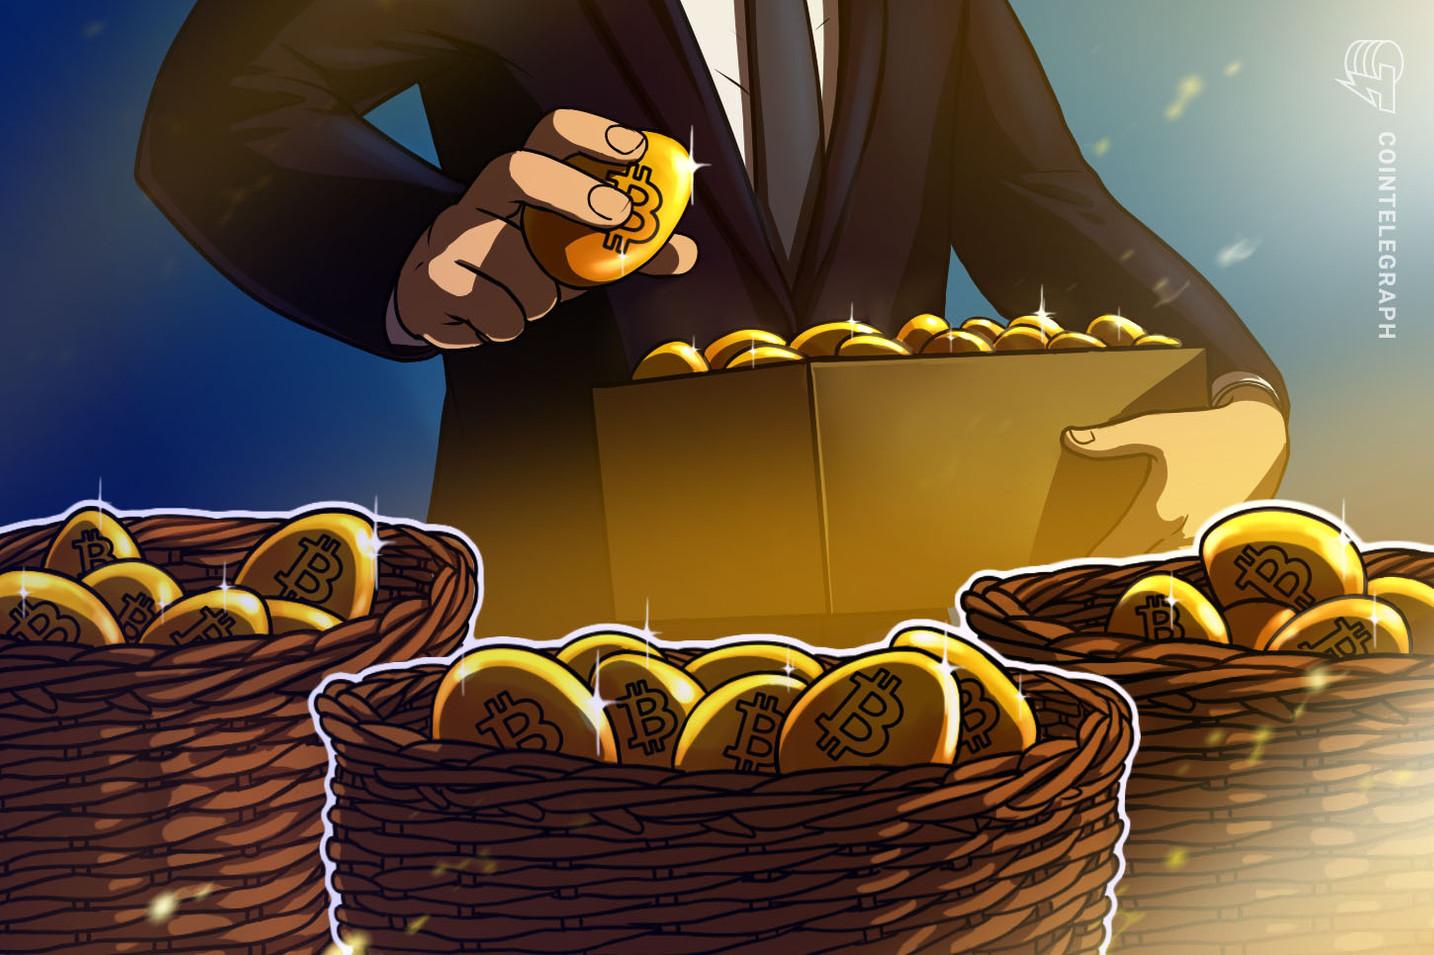 Ang bilang ng mga namumuhunan na nagmamay-ari ng Bitcoin ay triple mula noong 2018: Gallup Poll